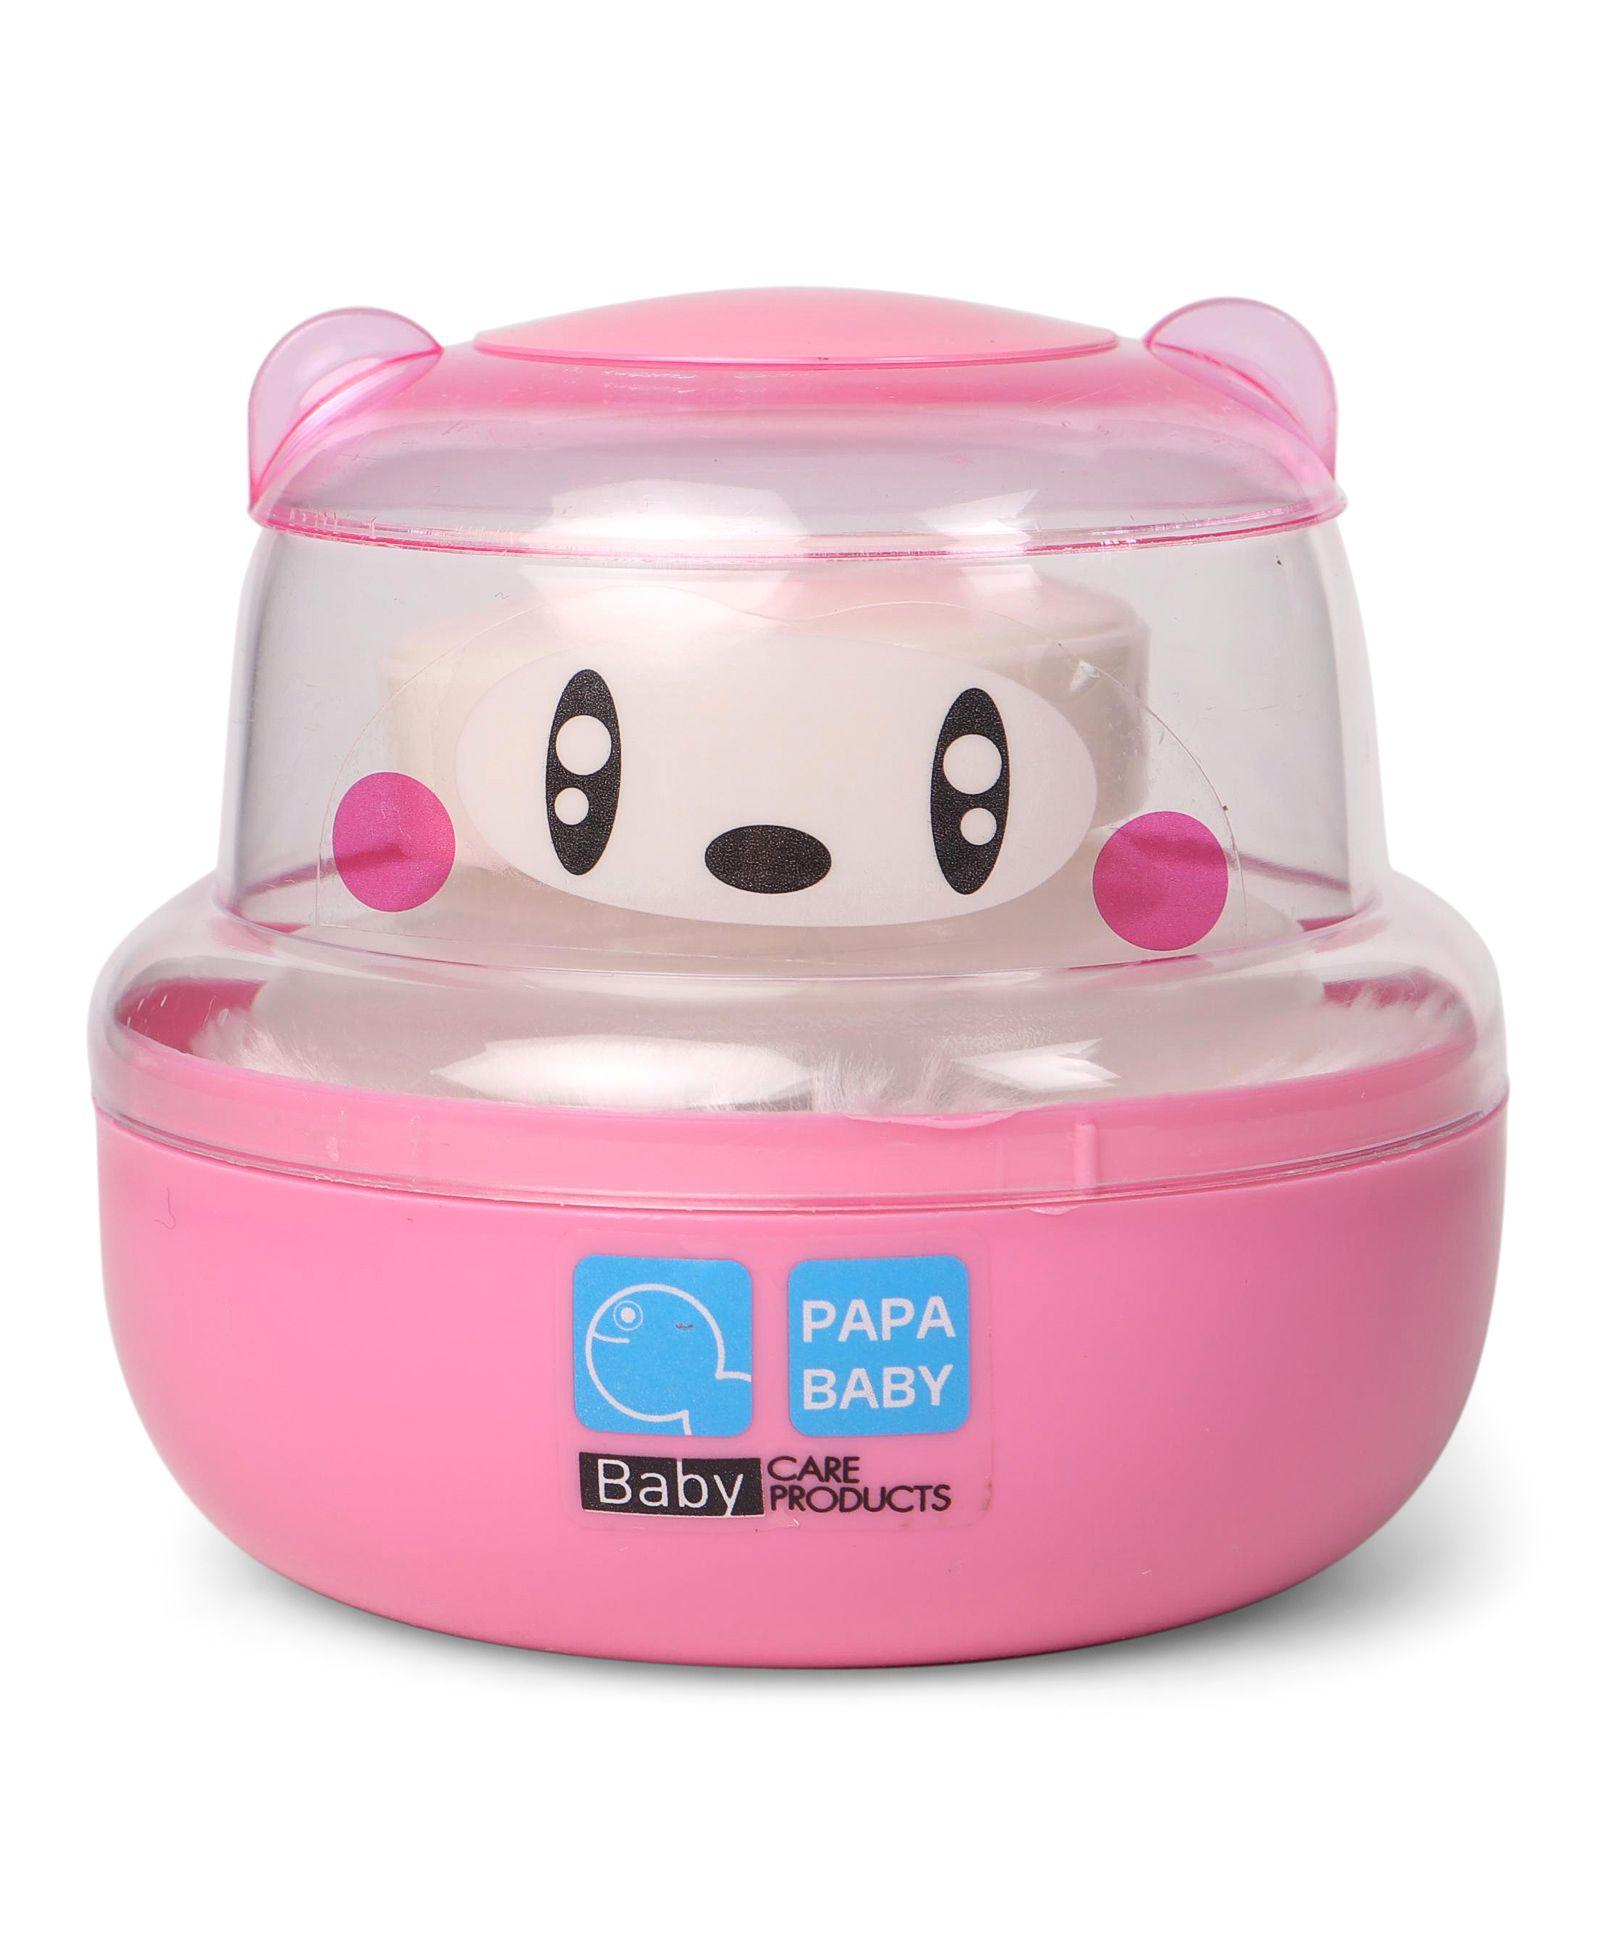 Papa Baby Powder Puff Panda Face Design - Pink